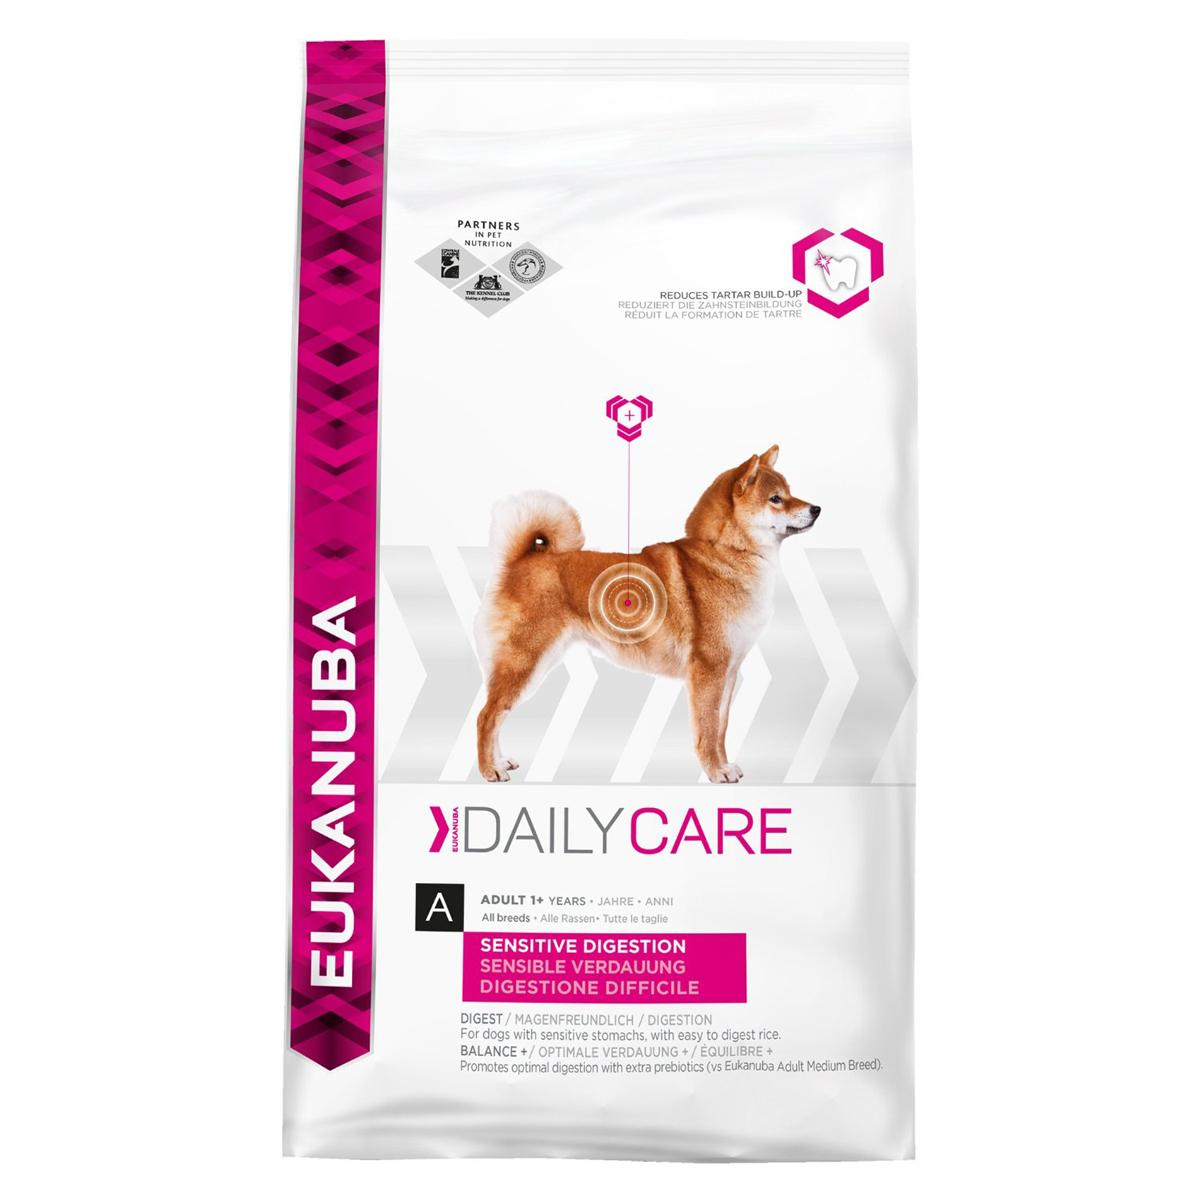 Корм сухой Eukanuba для взрослых собак с чувствительным пищеварением, 12,5 кг81095042Полноценный сбалансированный корм Eukanuba для взрослых собак всех пород возрастом от 1 года с чувствительным пищеварением, обогащенный естественными пребиотическими волокнами для здорового пищеварения. Сухая пульпа сахарной свеклы и пребиотики ФОС для здоровья микрофлоры кишечника. Легкоперевариваемый рис для собак с чувствительным пищеварением. Не содержит искусственных красителей и ароматизаторов. Содержит разрешенные ЕС антиоксиданты (токоферолы). Состав: сублимированное мясо курицы и индейки 22%, рис 21%, кукуруза, сорго, животный жир, сухая пульпа сахарной свеклы 2,8%, рыбная мука, сухое цельное яйцо, гидролизат белков животного происхождения, фруктоолигосахариды 0,77%, гидрофосфат кальция, хлорид калия, хлорид натрия, гексаметафосфат натрия, рыбий жир, карбонат кальция, льняное семя. Добавки: витамин A 46167 МЕ/кг, витамин D3 1532 МЕ/кг, витамин E 256 мг/кг, бета-каротин 5,0 мг/кг. Микроэлементы: базовый карбонат кобальта, моногидрат...